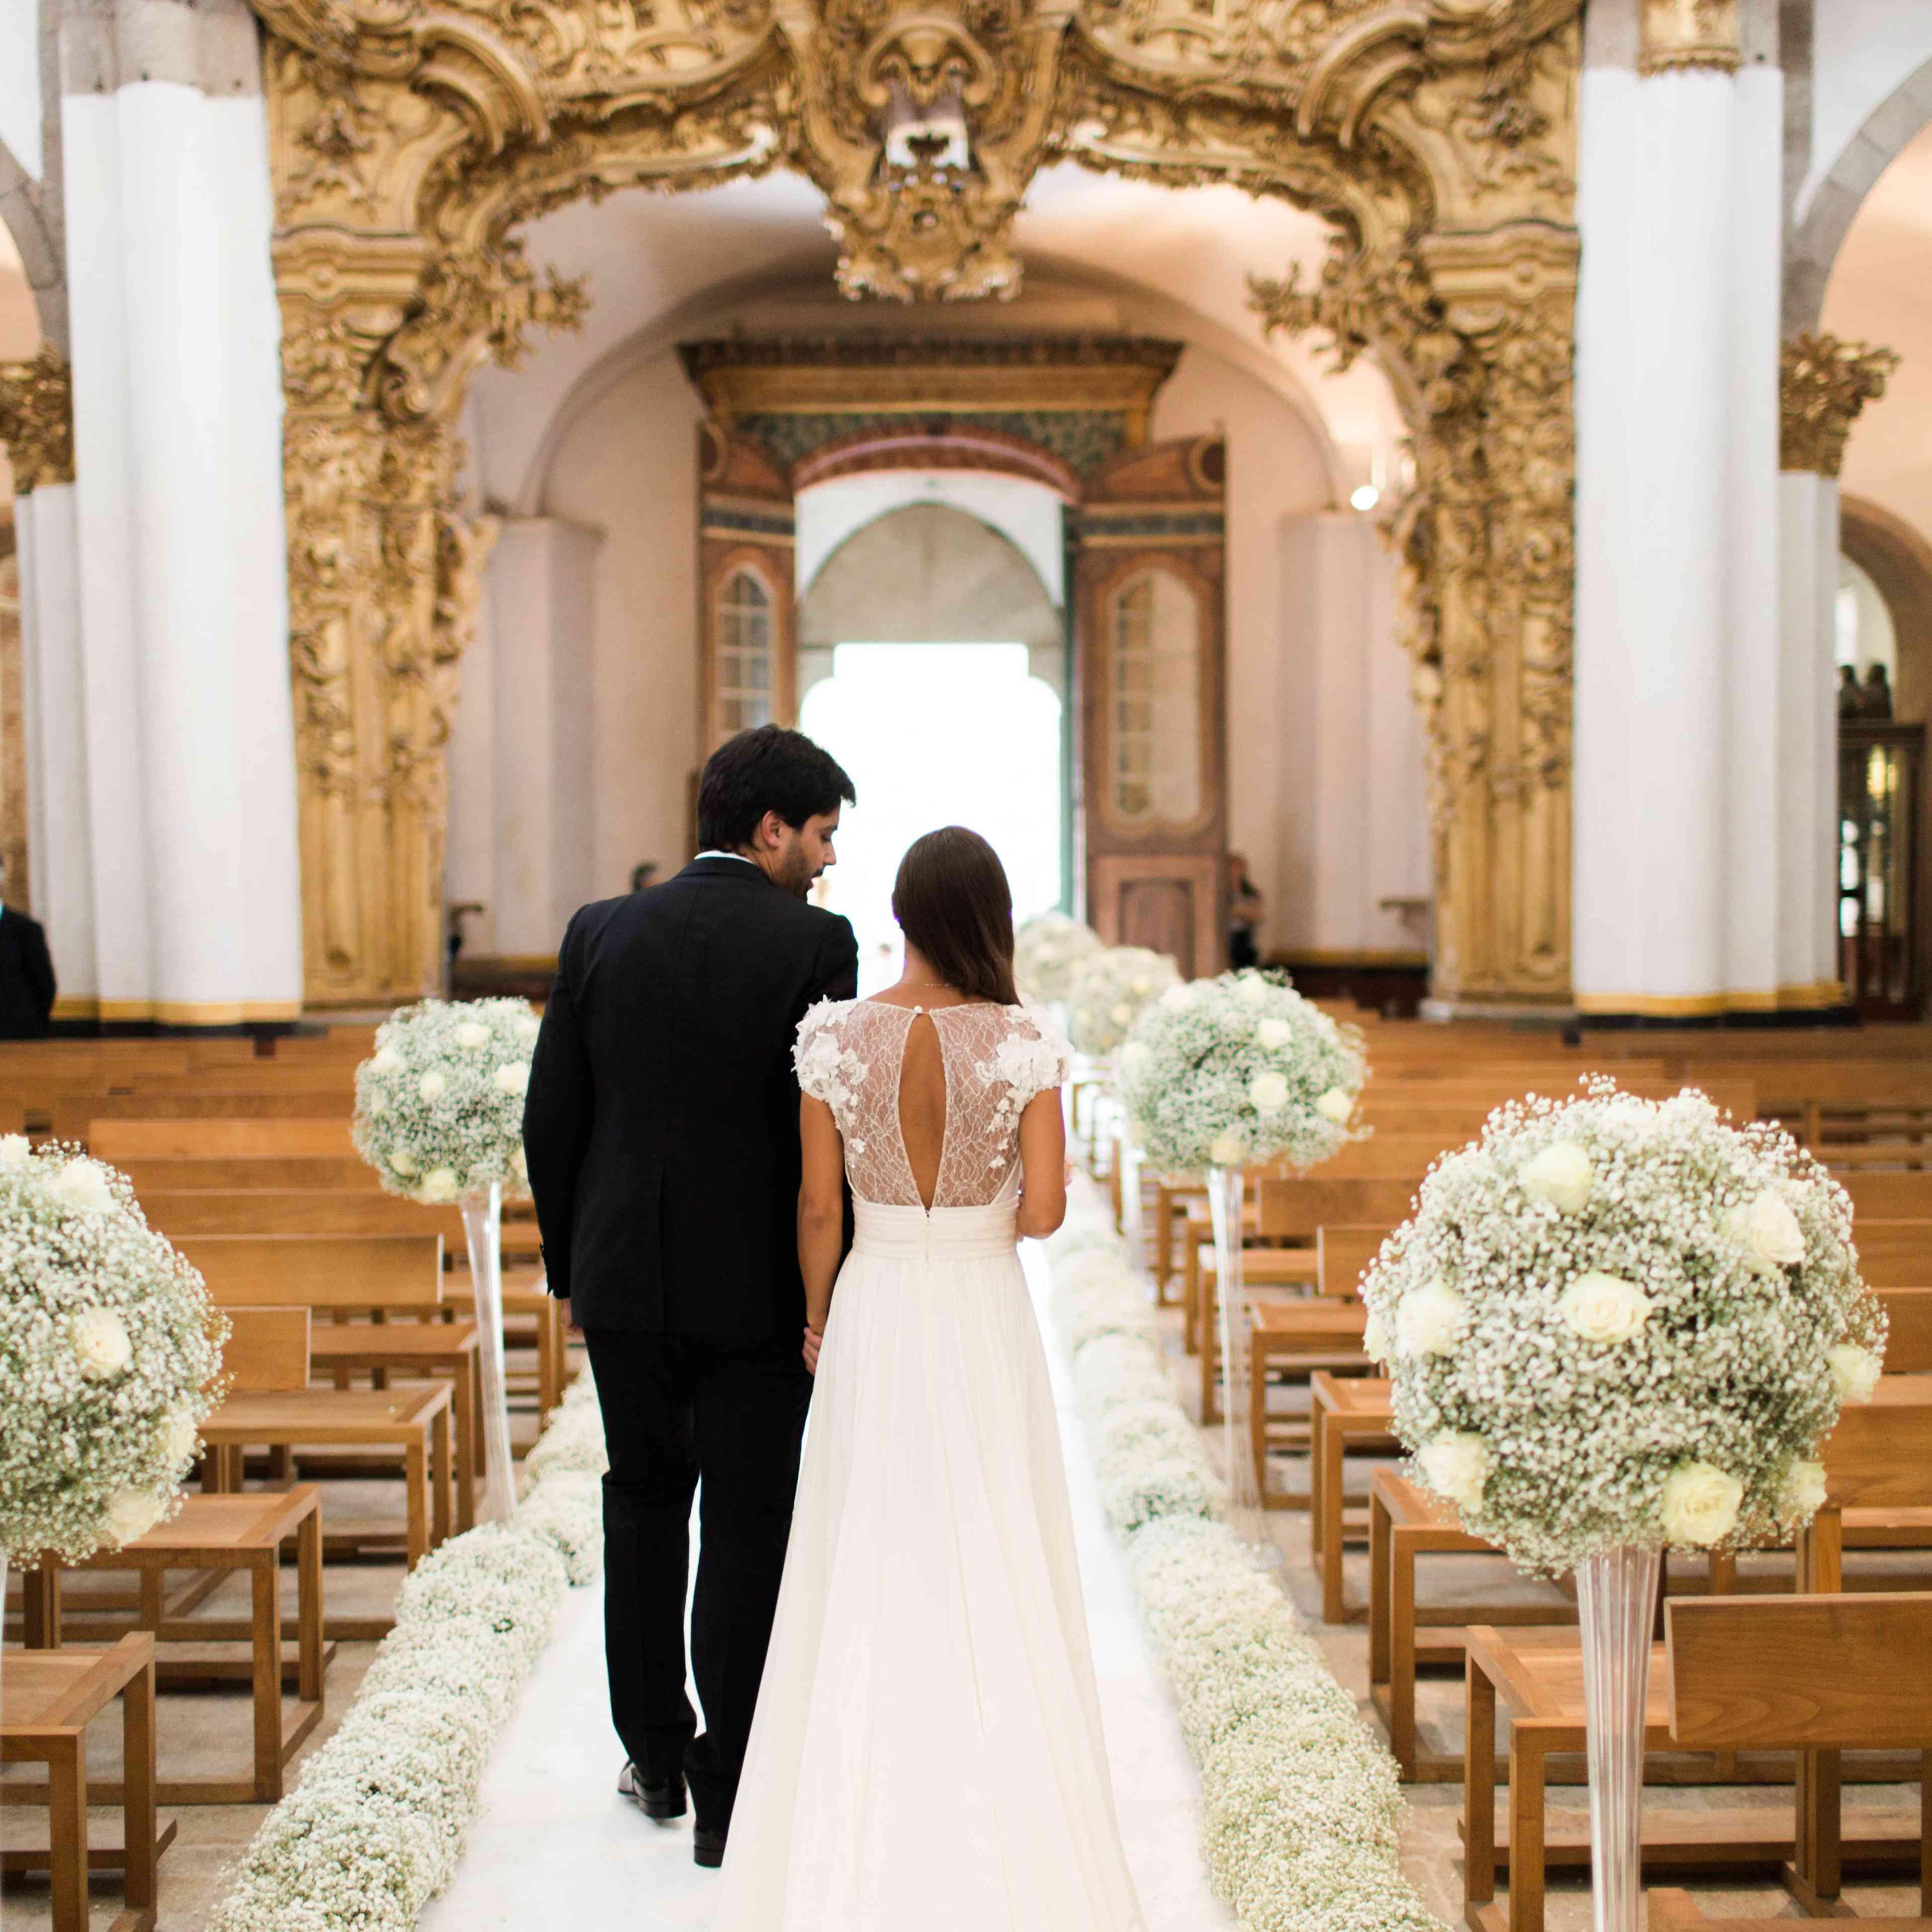 Church wedding with baby's breath